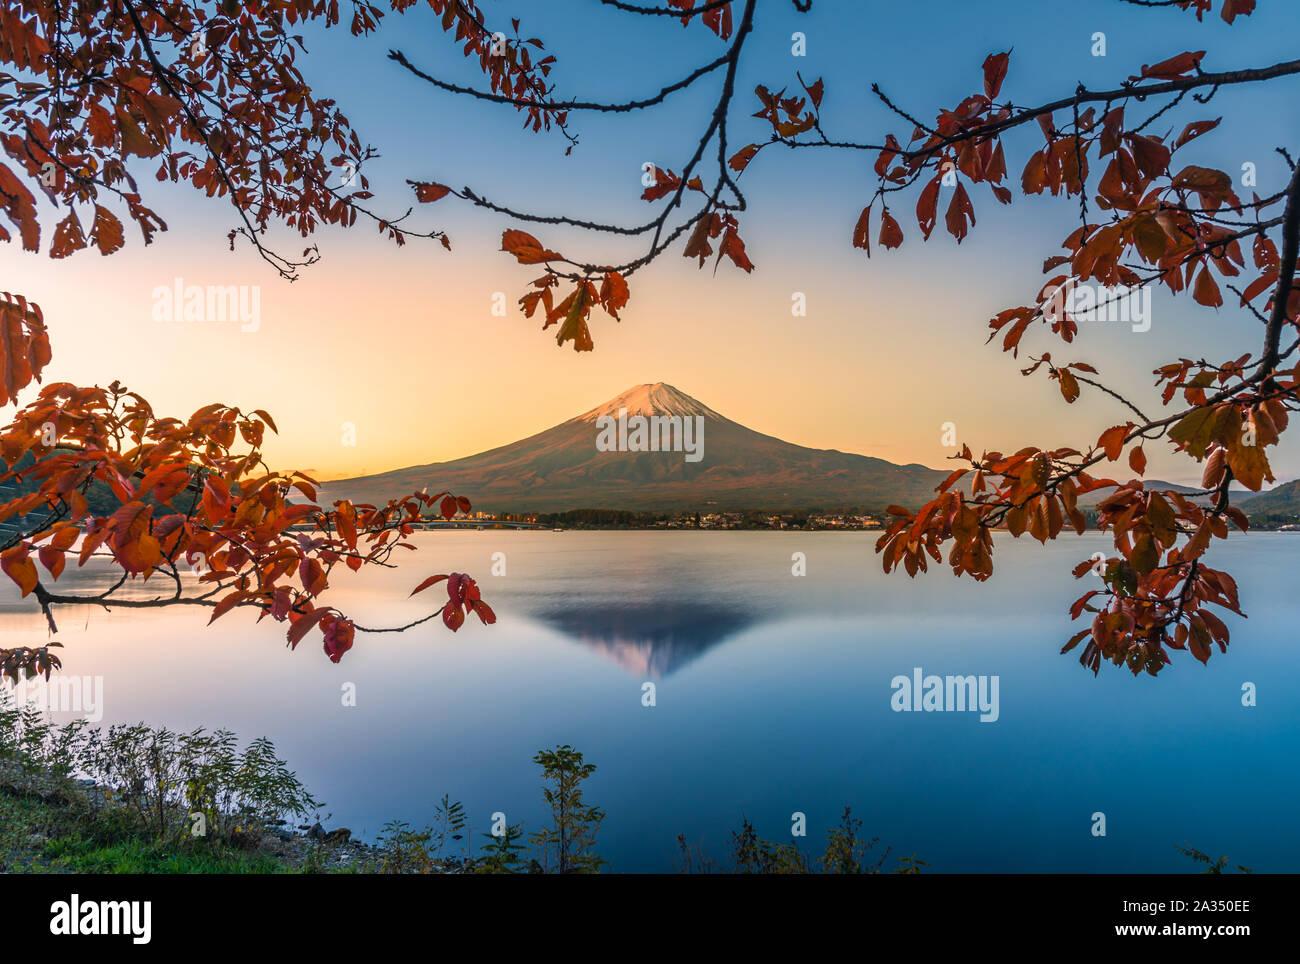 Landscape image of Mt. Fuji over Lake Kawaguchiko with autumn foliage at sunrise in Fujikawaguchiko, Japan. Stock Photo